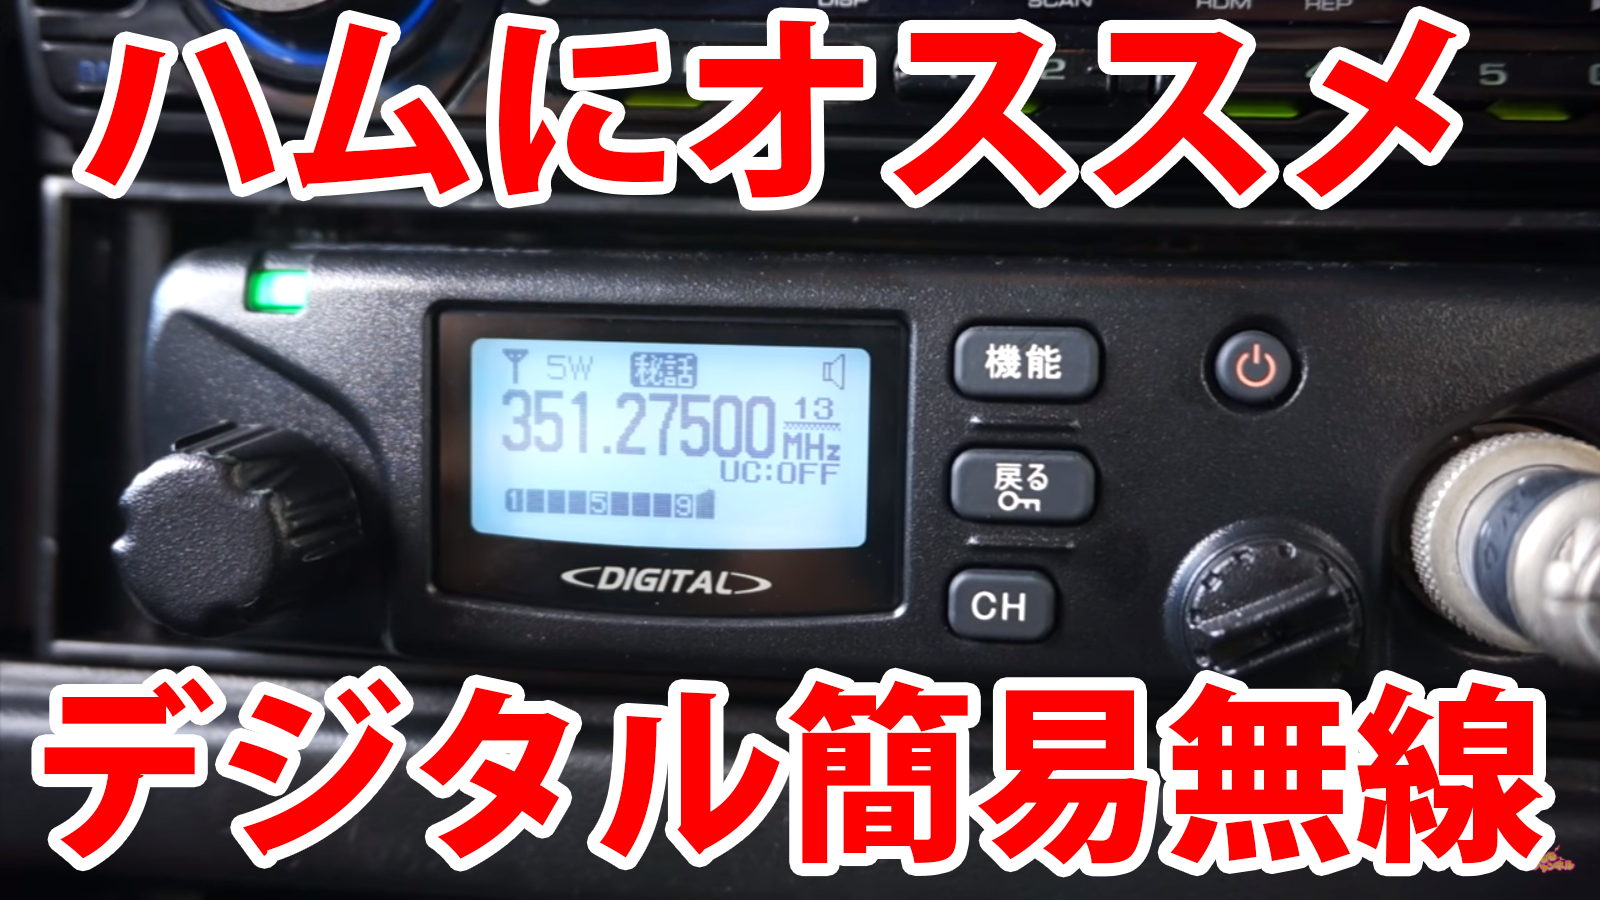 ハムにオススメのデジタル簡易無線 【FB HAM RADIO GEAR and more 】